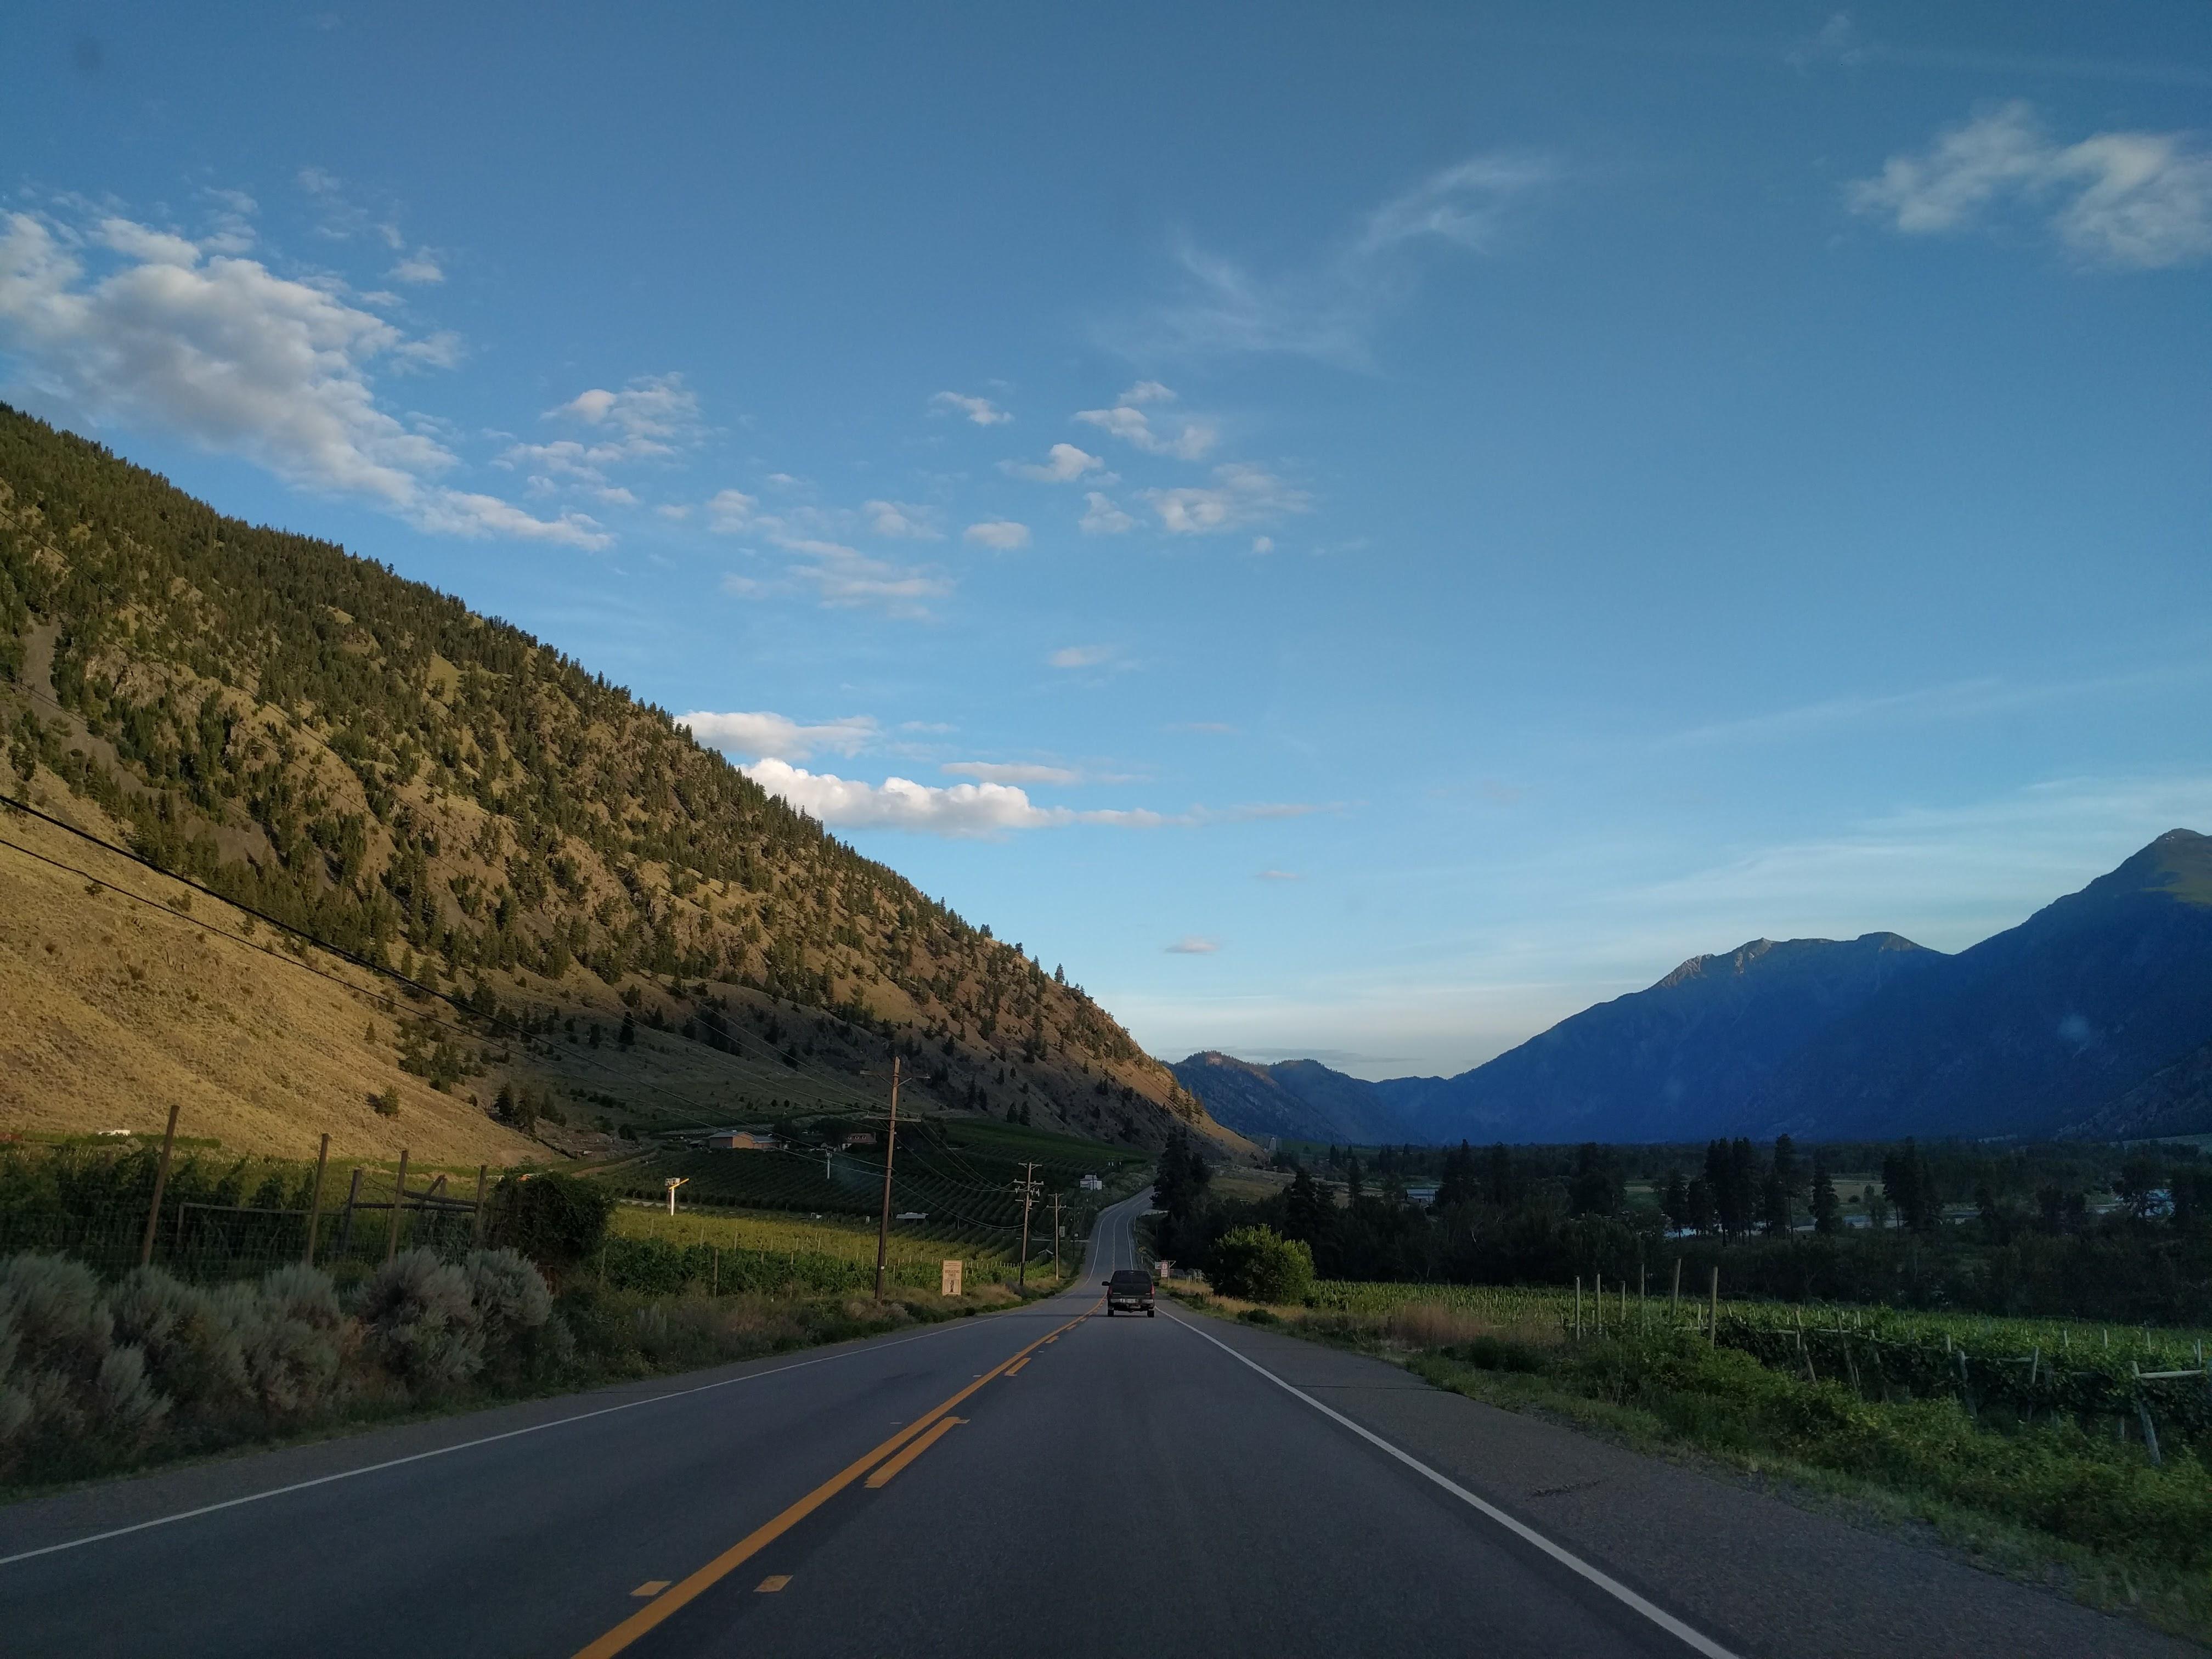 Driving to Keremeos